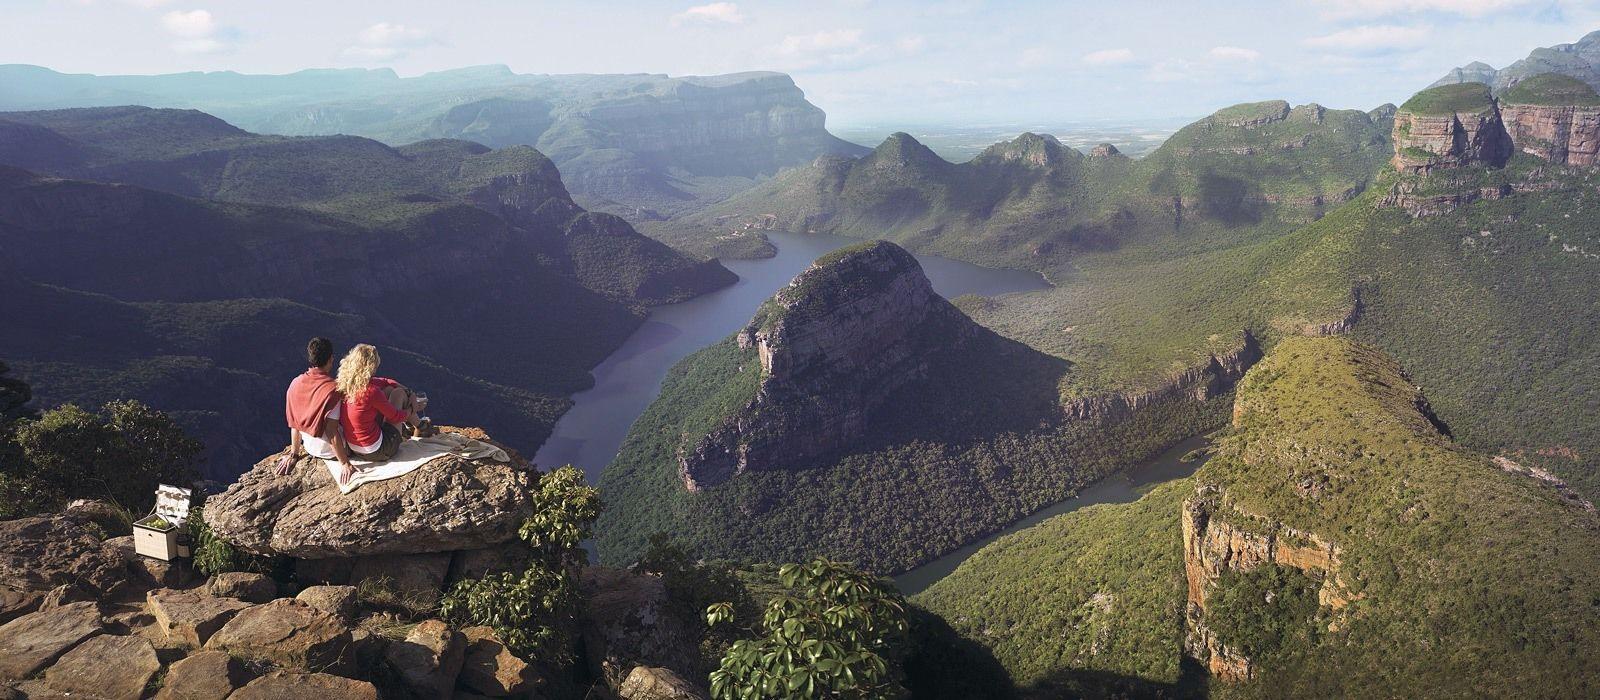 Südafrika & Sambia: Panoramaroute, Krüger und Victoriafälle Urlaub 1